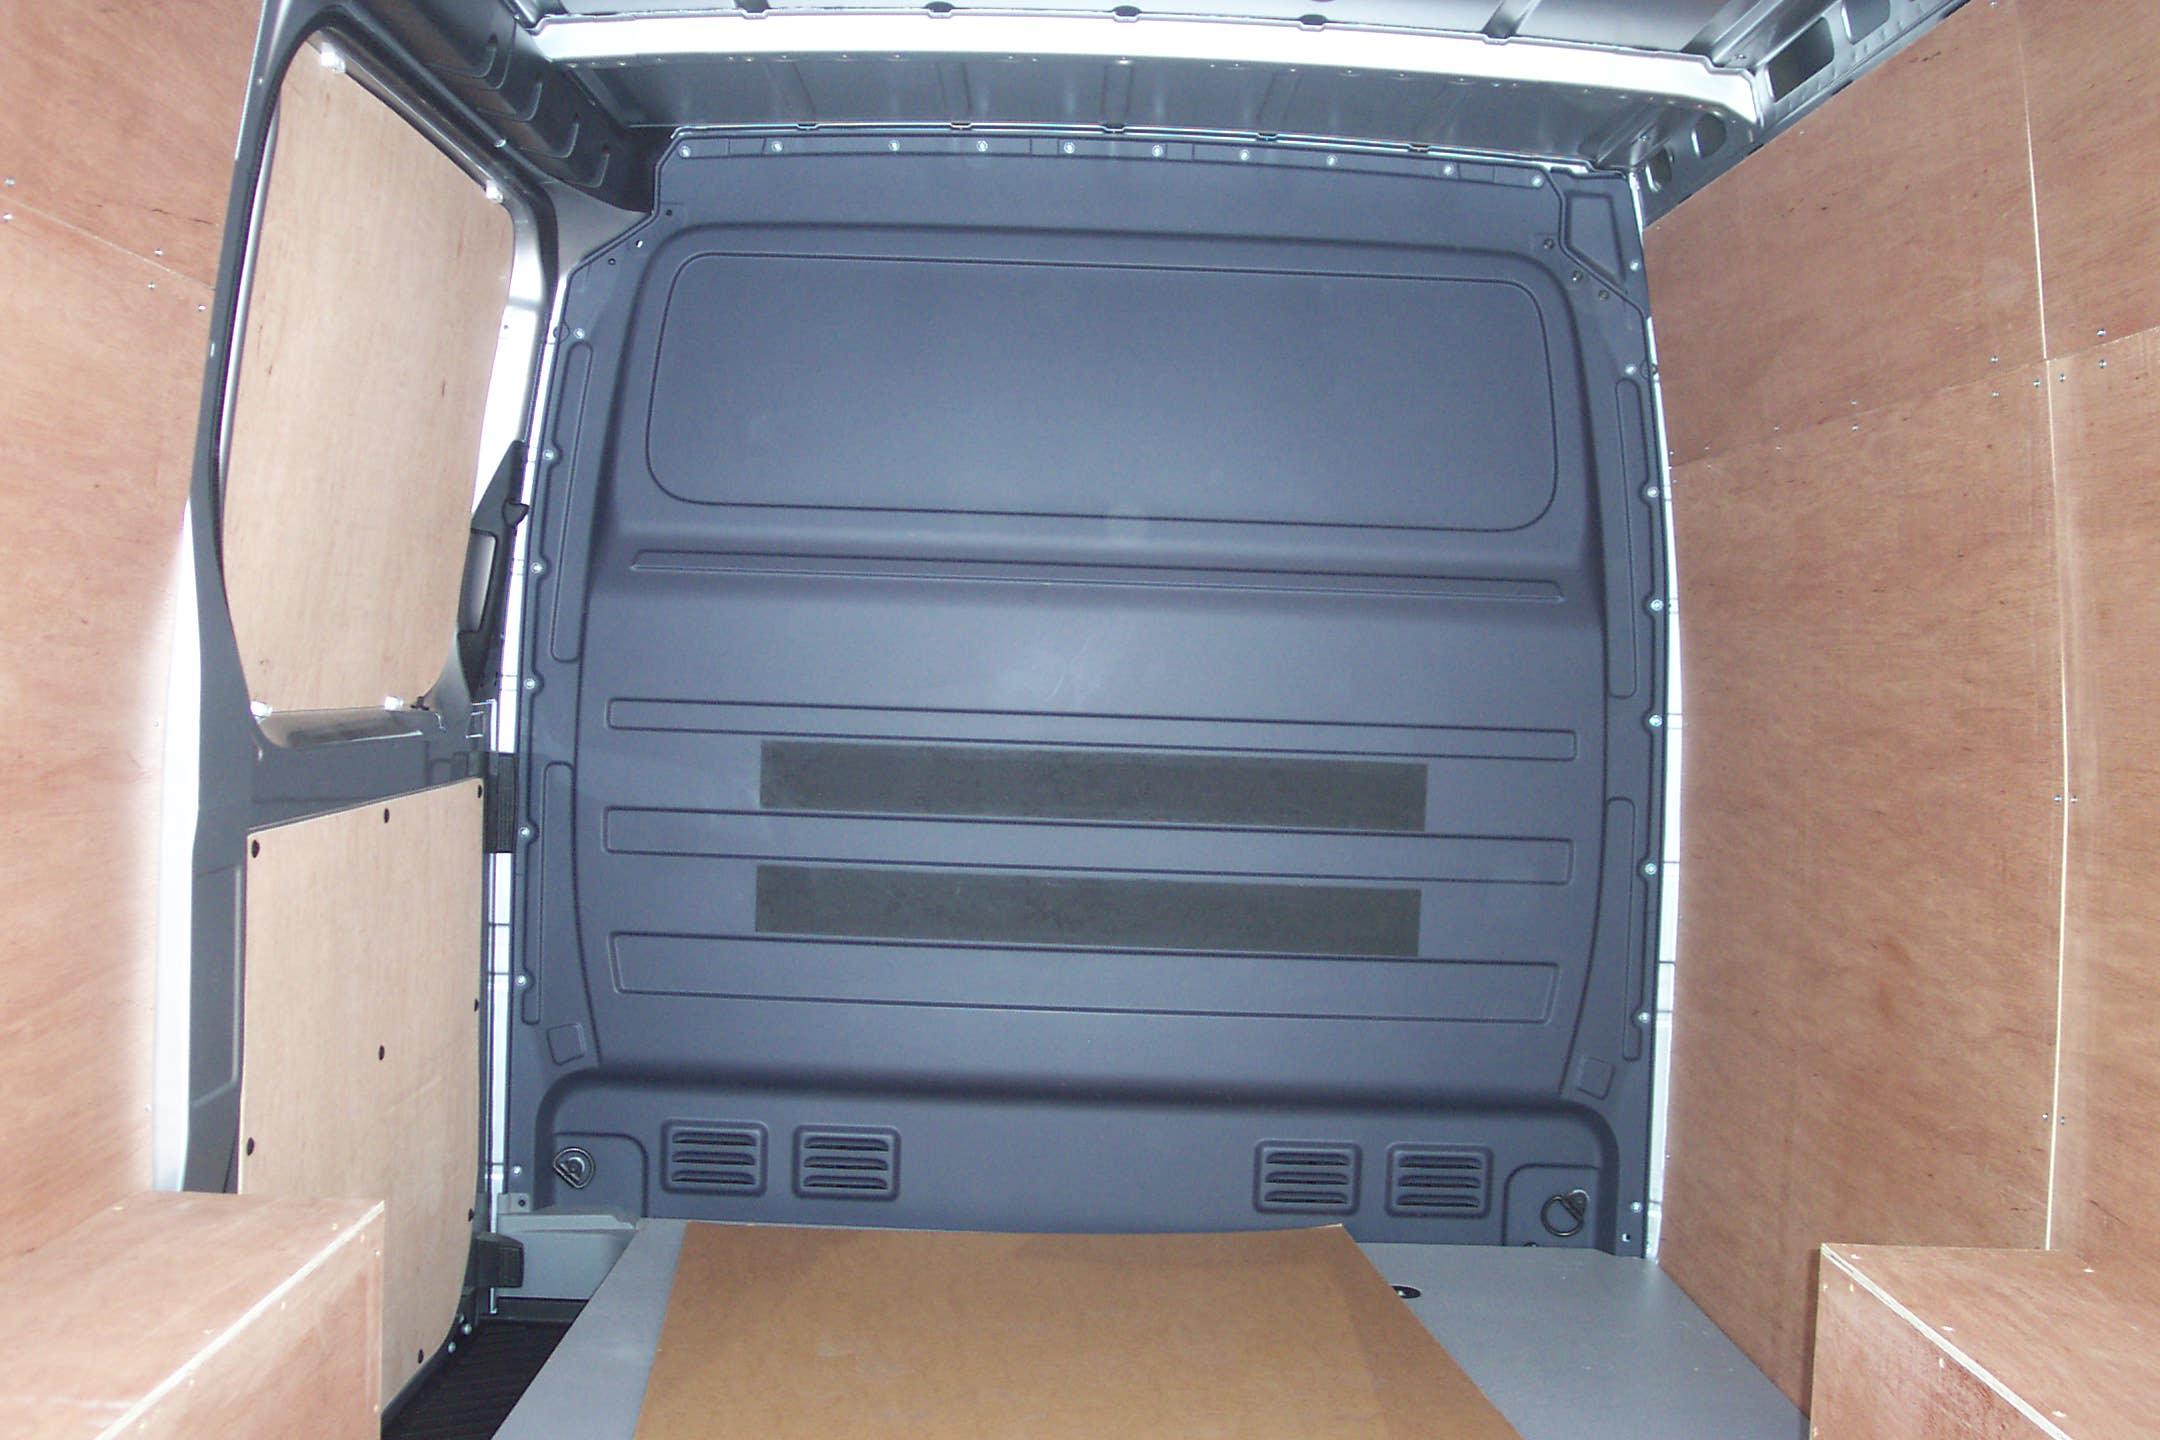 Citroen Medium Wheel Base Relay Van Ply Lining Kit - Pre Oct 2006